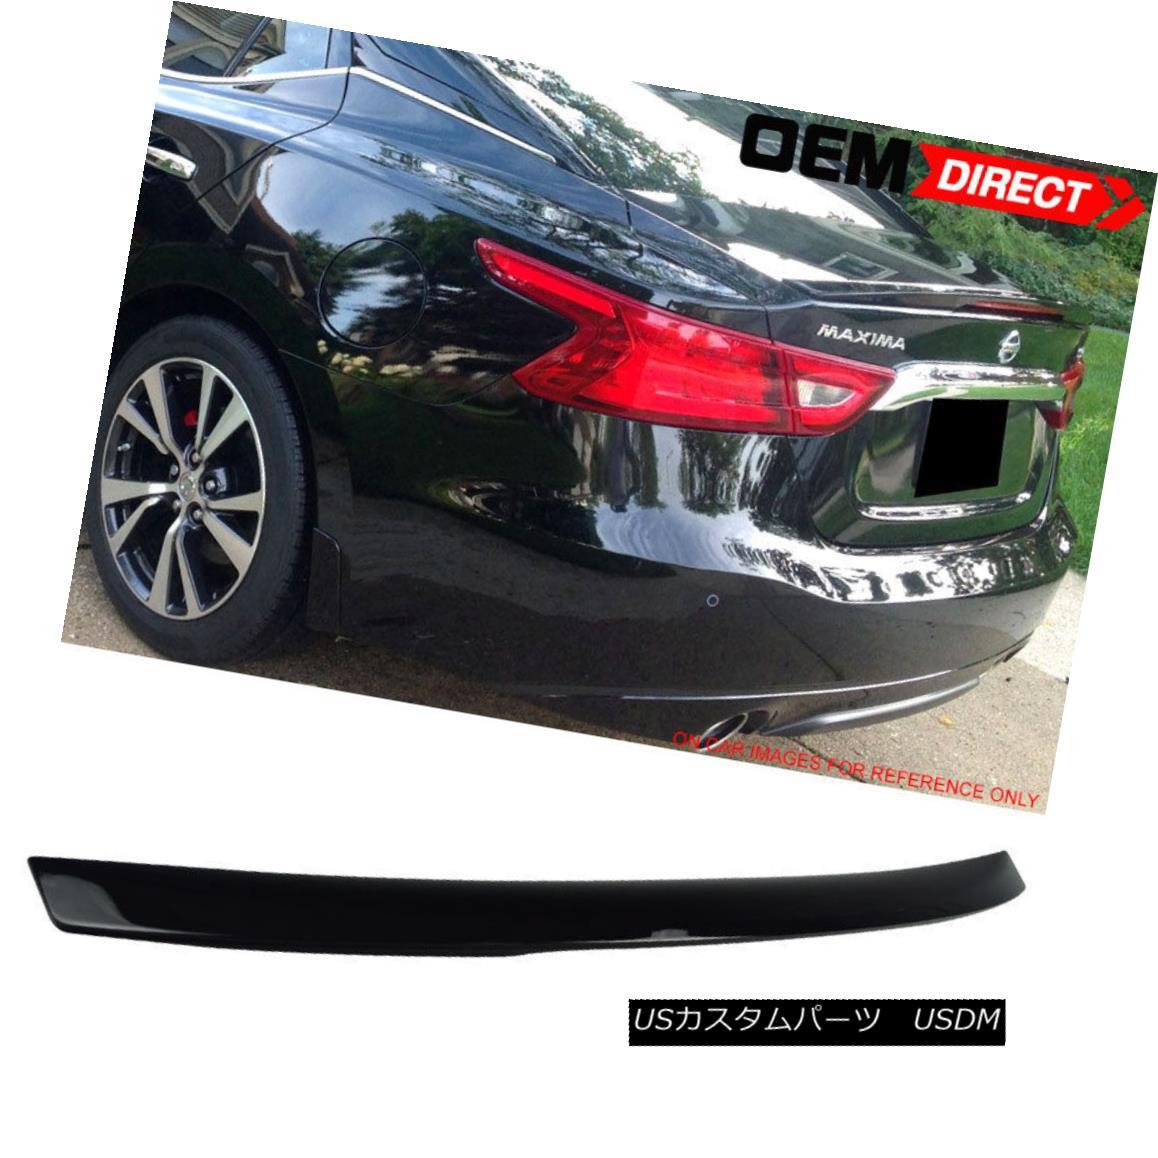 エアロパーツ Fit For 16-18 Maxima OE ABS Trunk Spoiler Painted Super Black # KH3 16-18マキシマOEのフィットABSトランクスポイラーは、スーパーブラック#KH3を塗った